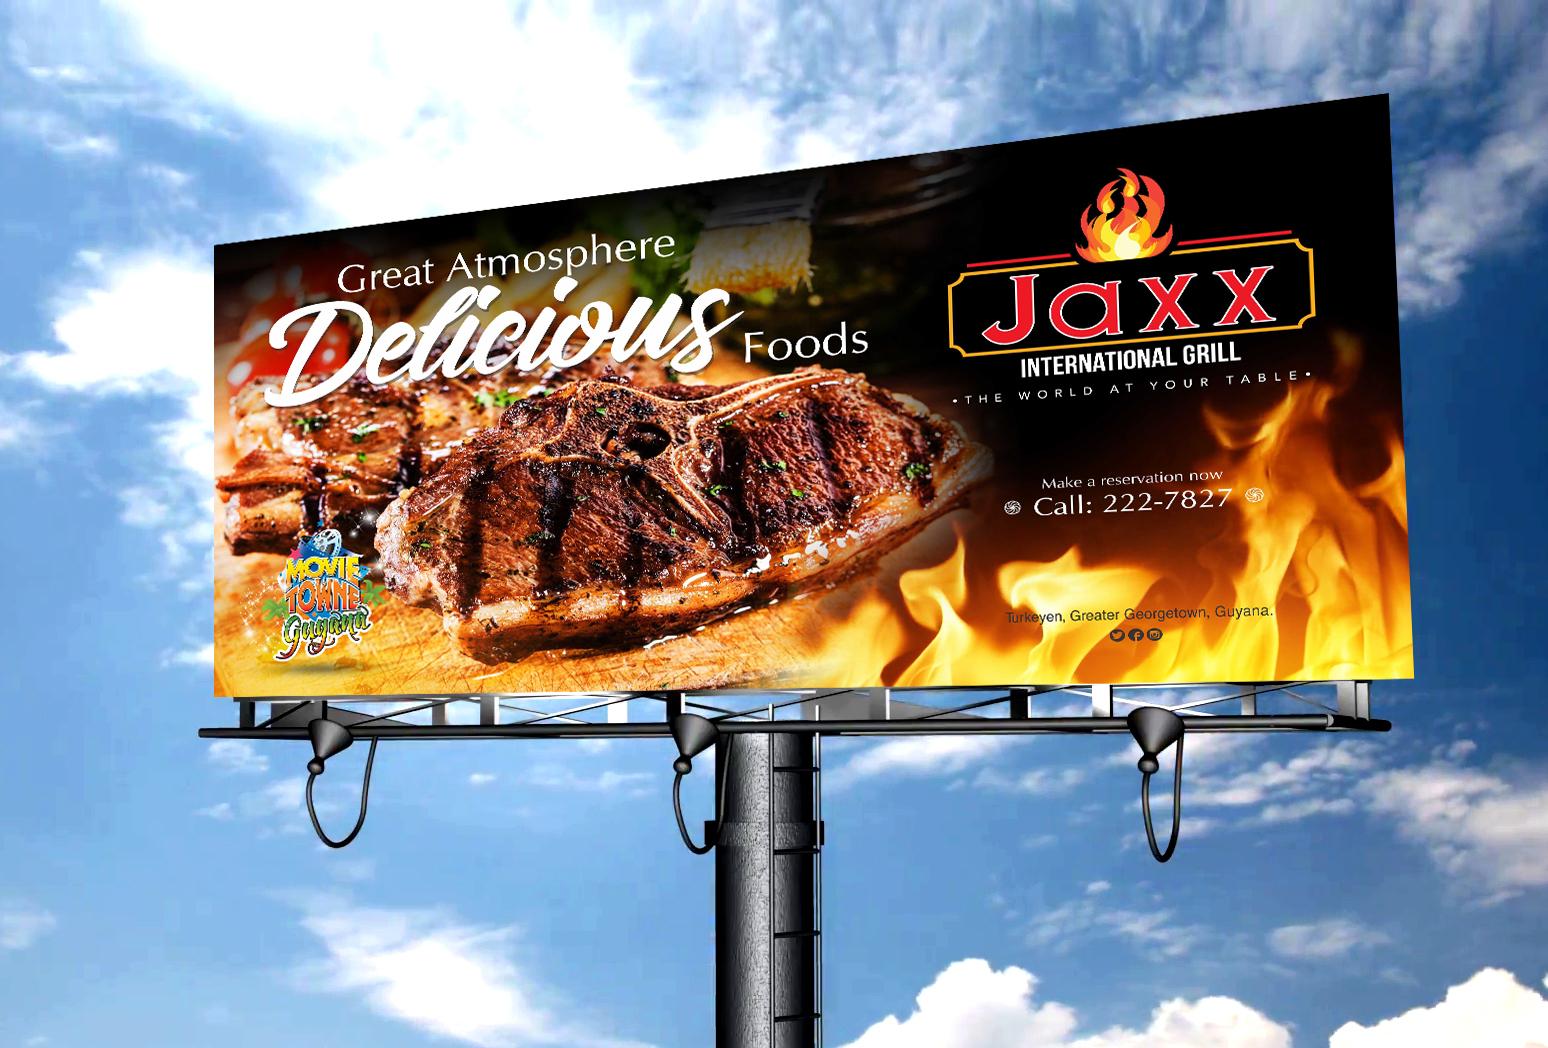 Jaxx Grill Billboard #1